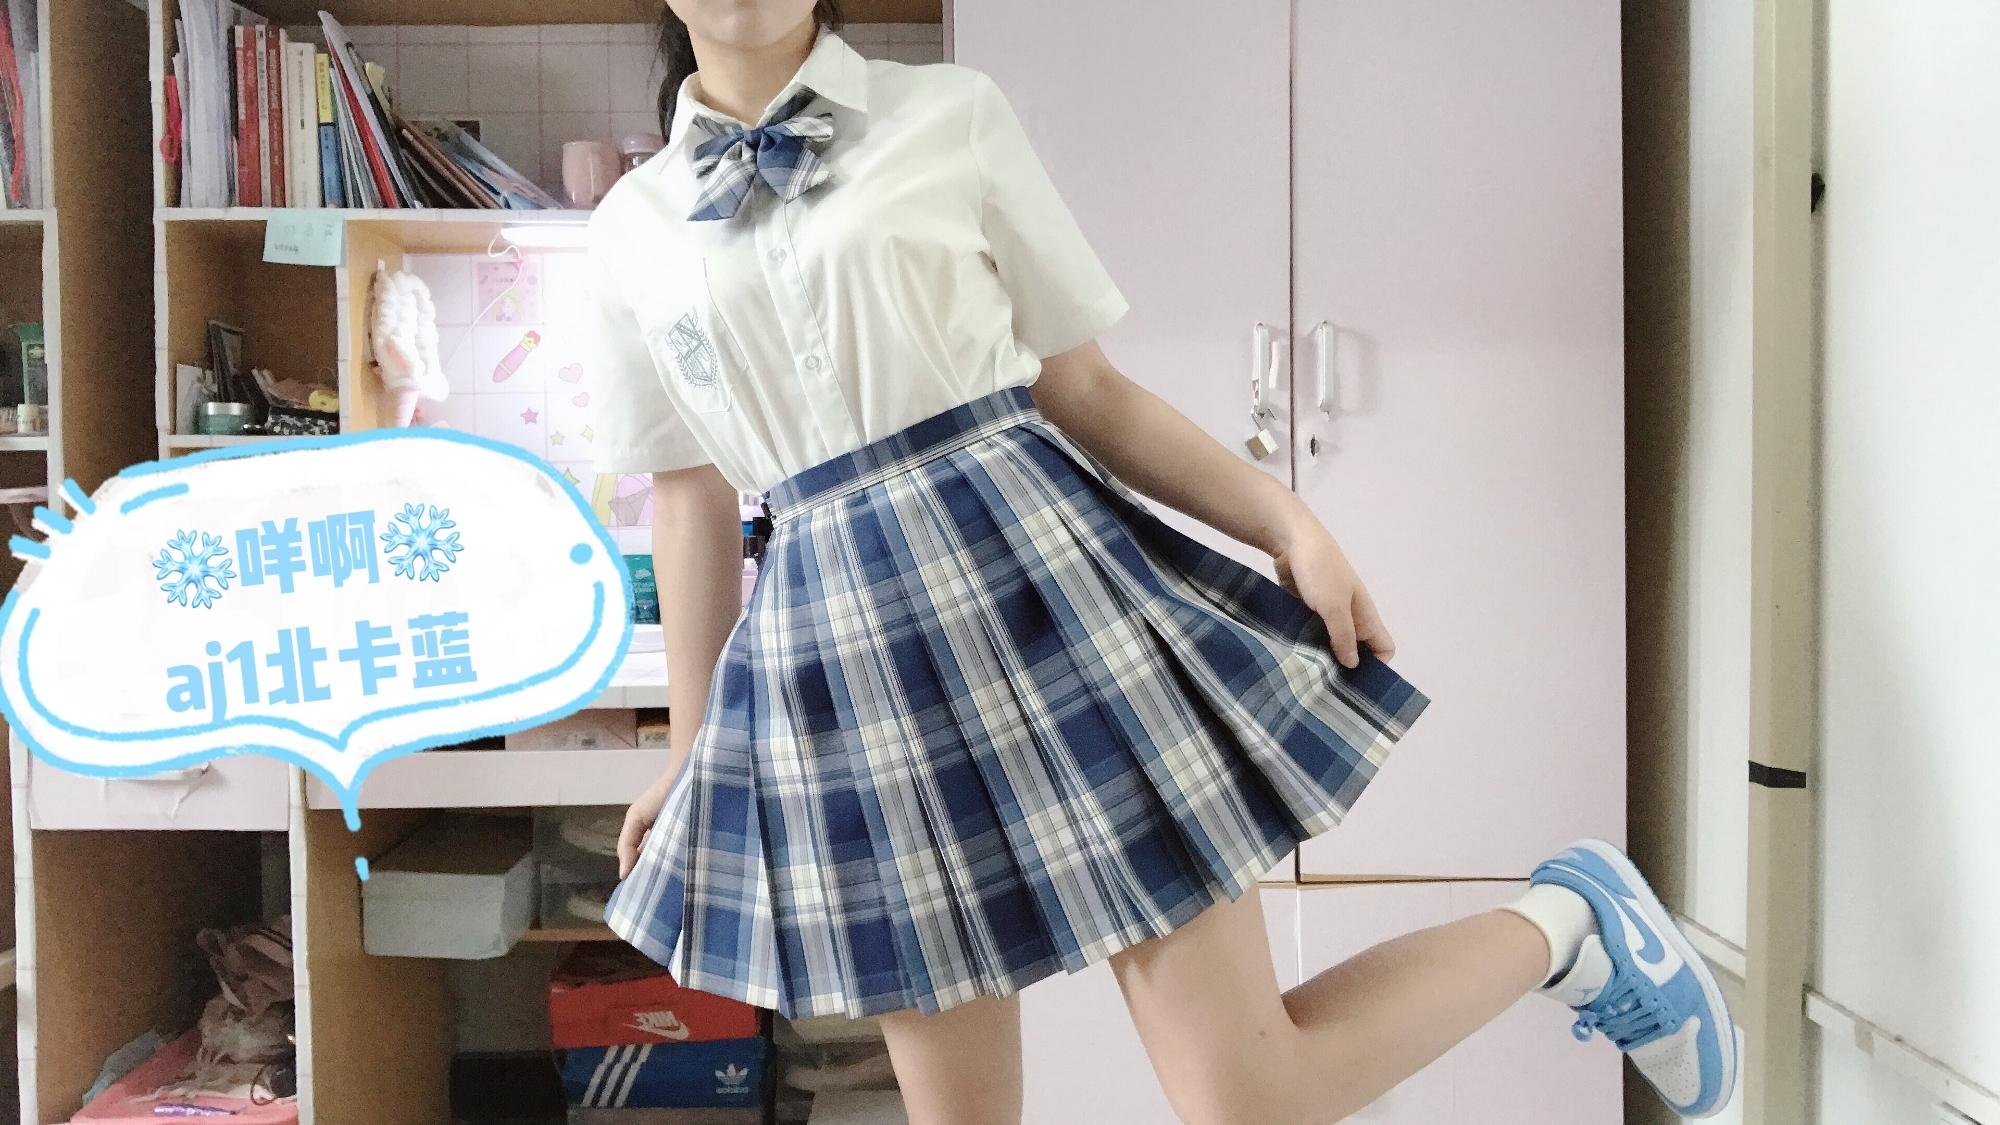 【超A新生计划】研究生学姐的校园日常|JK穿搭:咩啊搭配aj1北卡蓝真香!